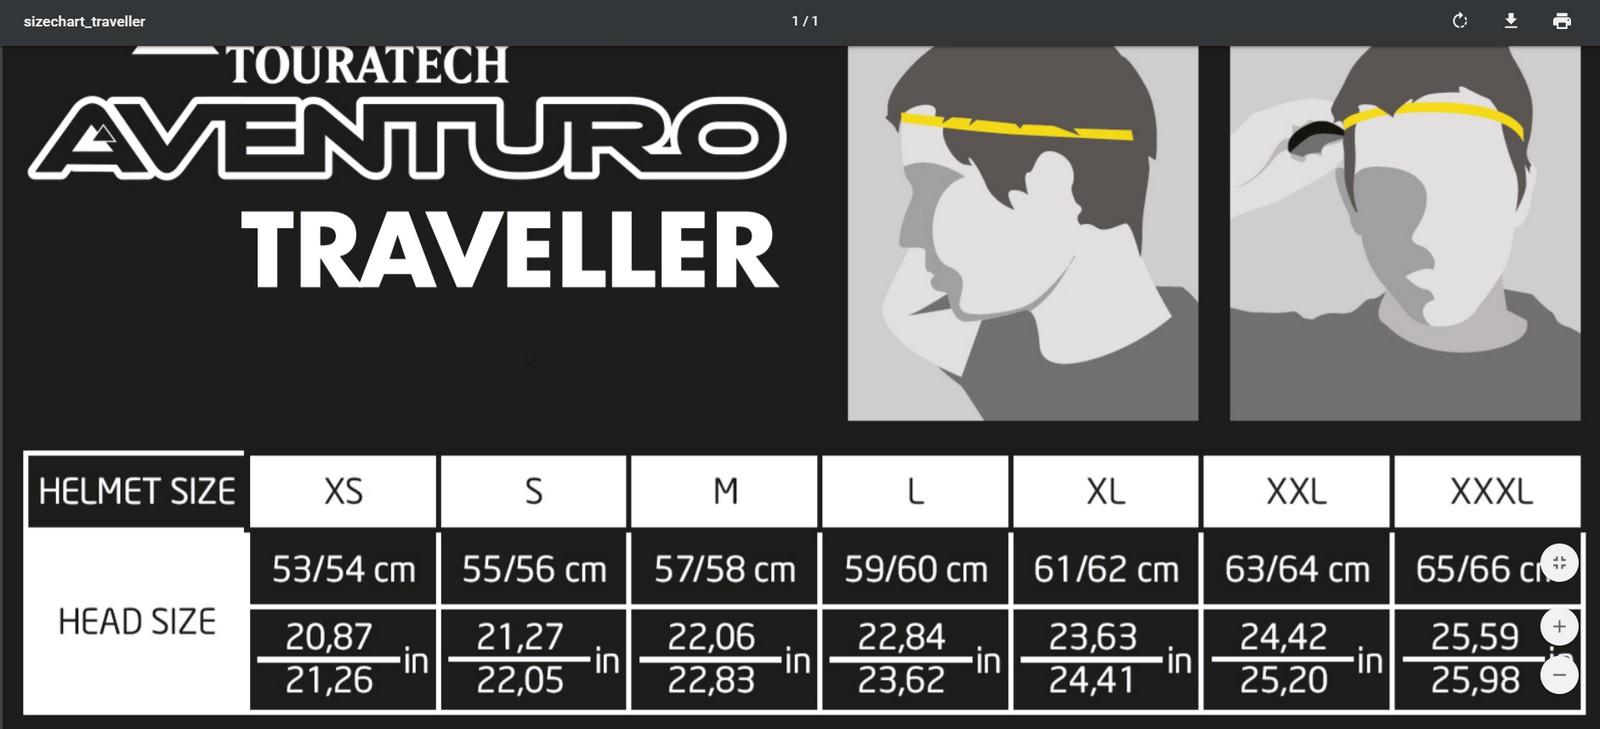 Touratech's sizing chart